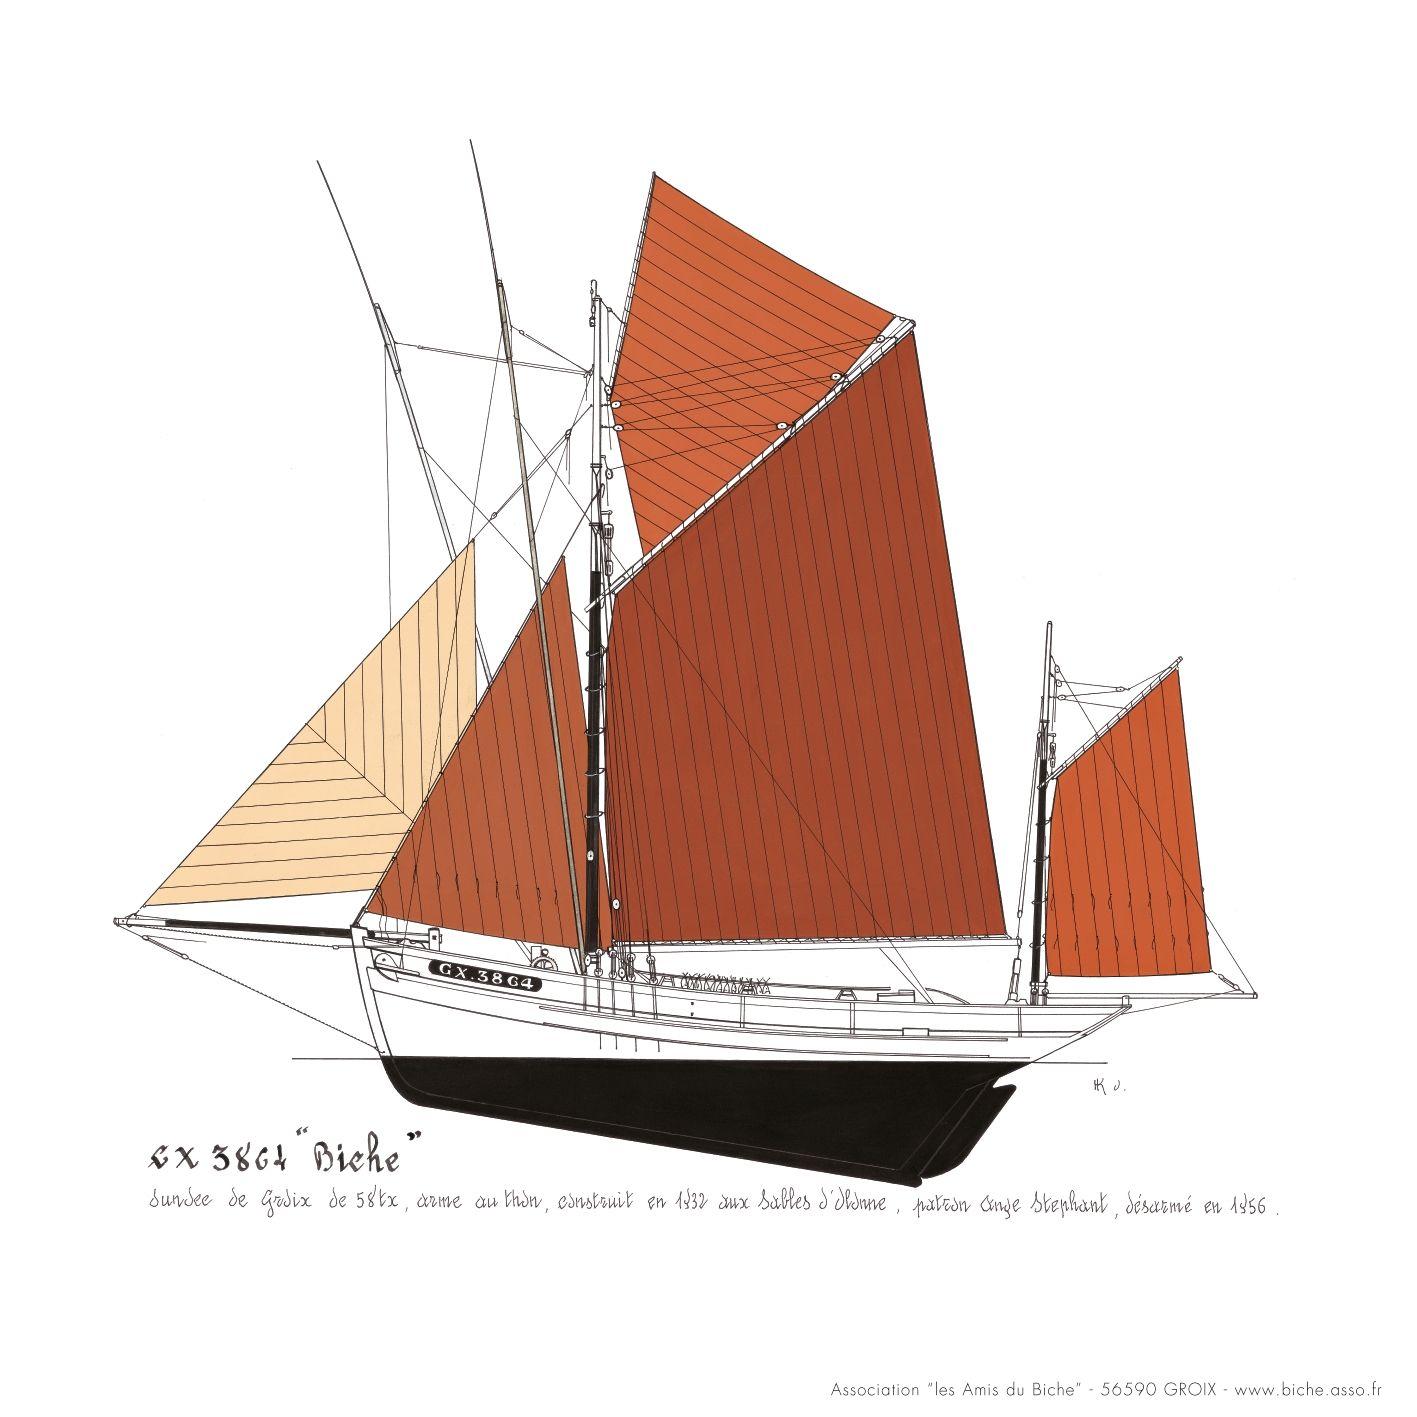 """Thonier (dundée) de Groix - Le """"Mimosa"""" - 1/50 (kit Soclaine) 17a878528c4b84b4b2ccadc931a88d86"""